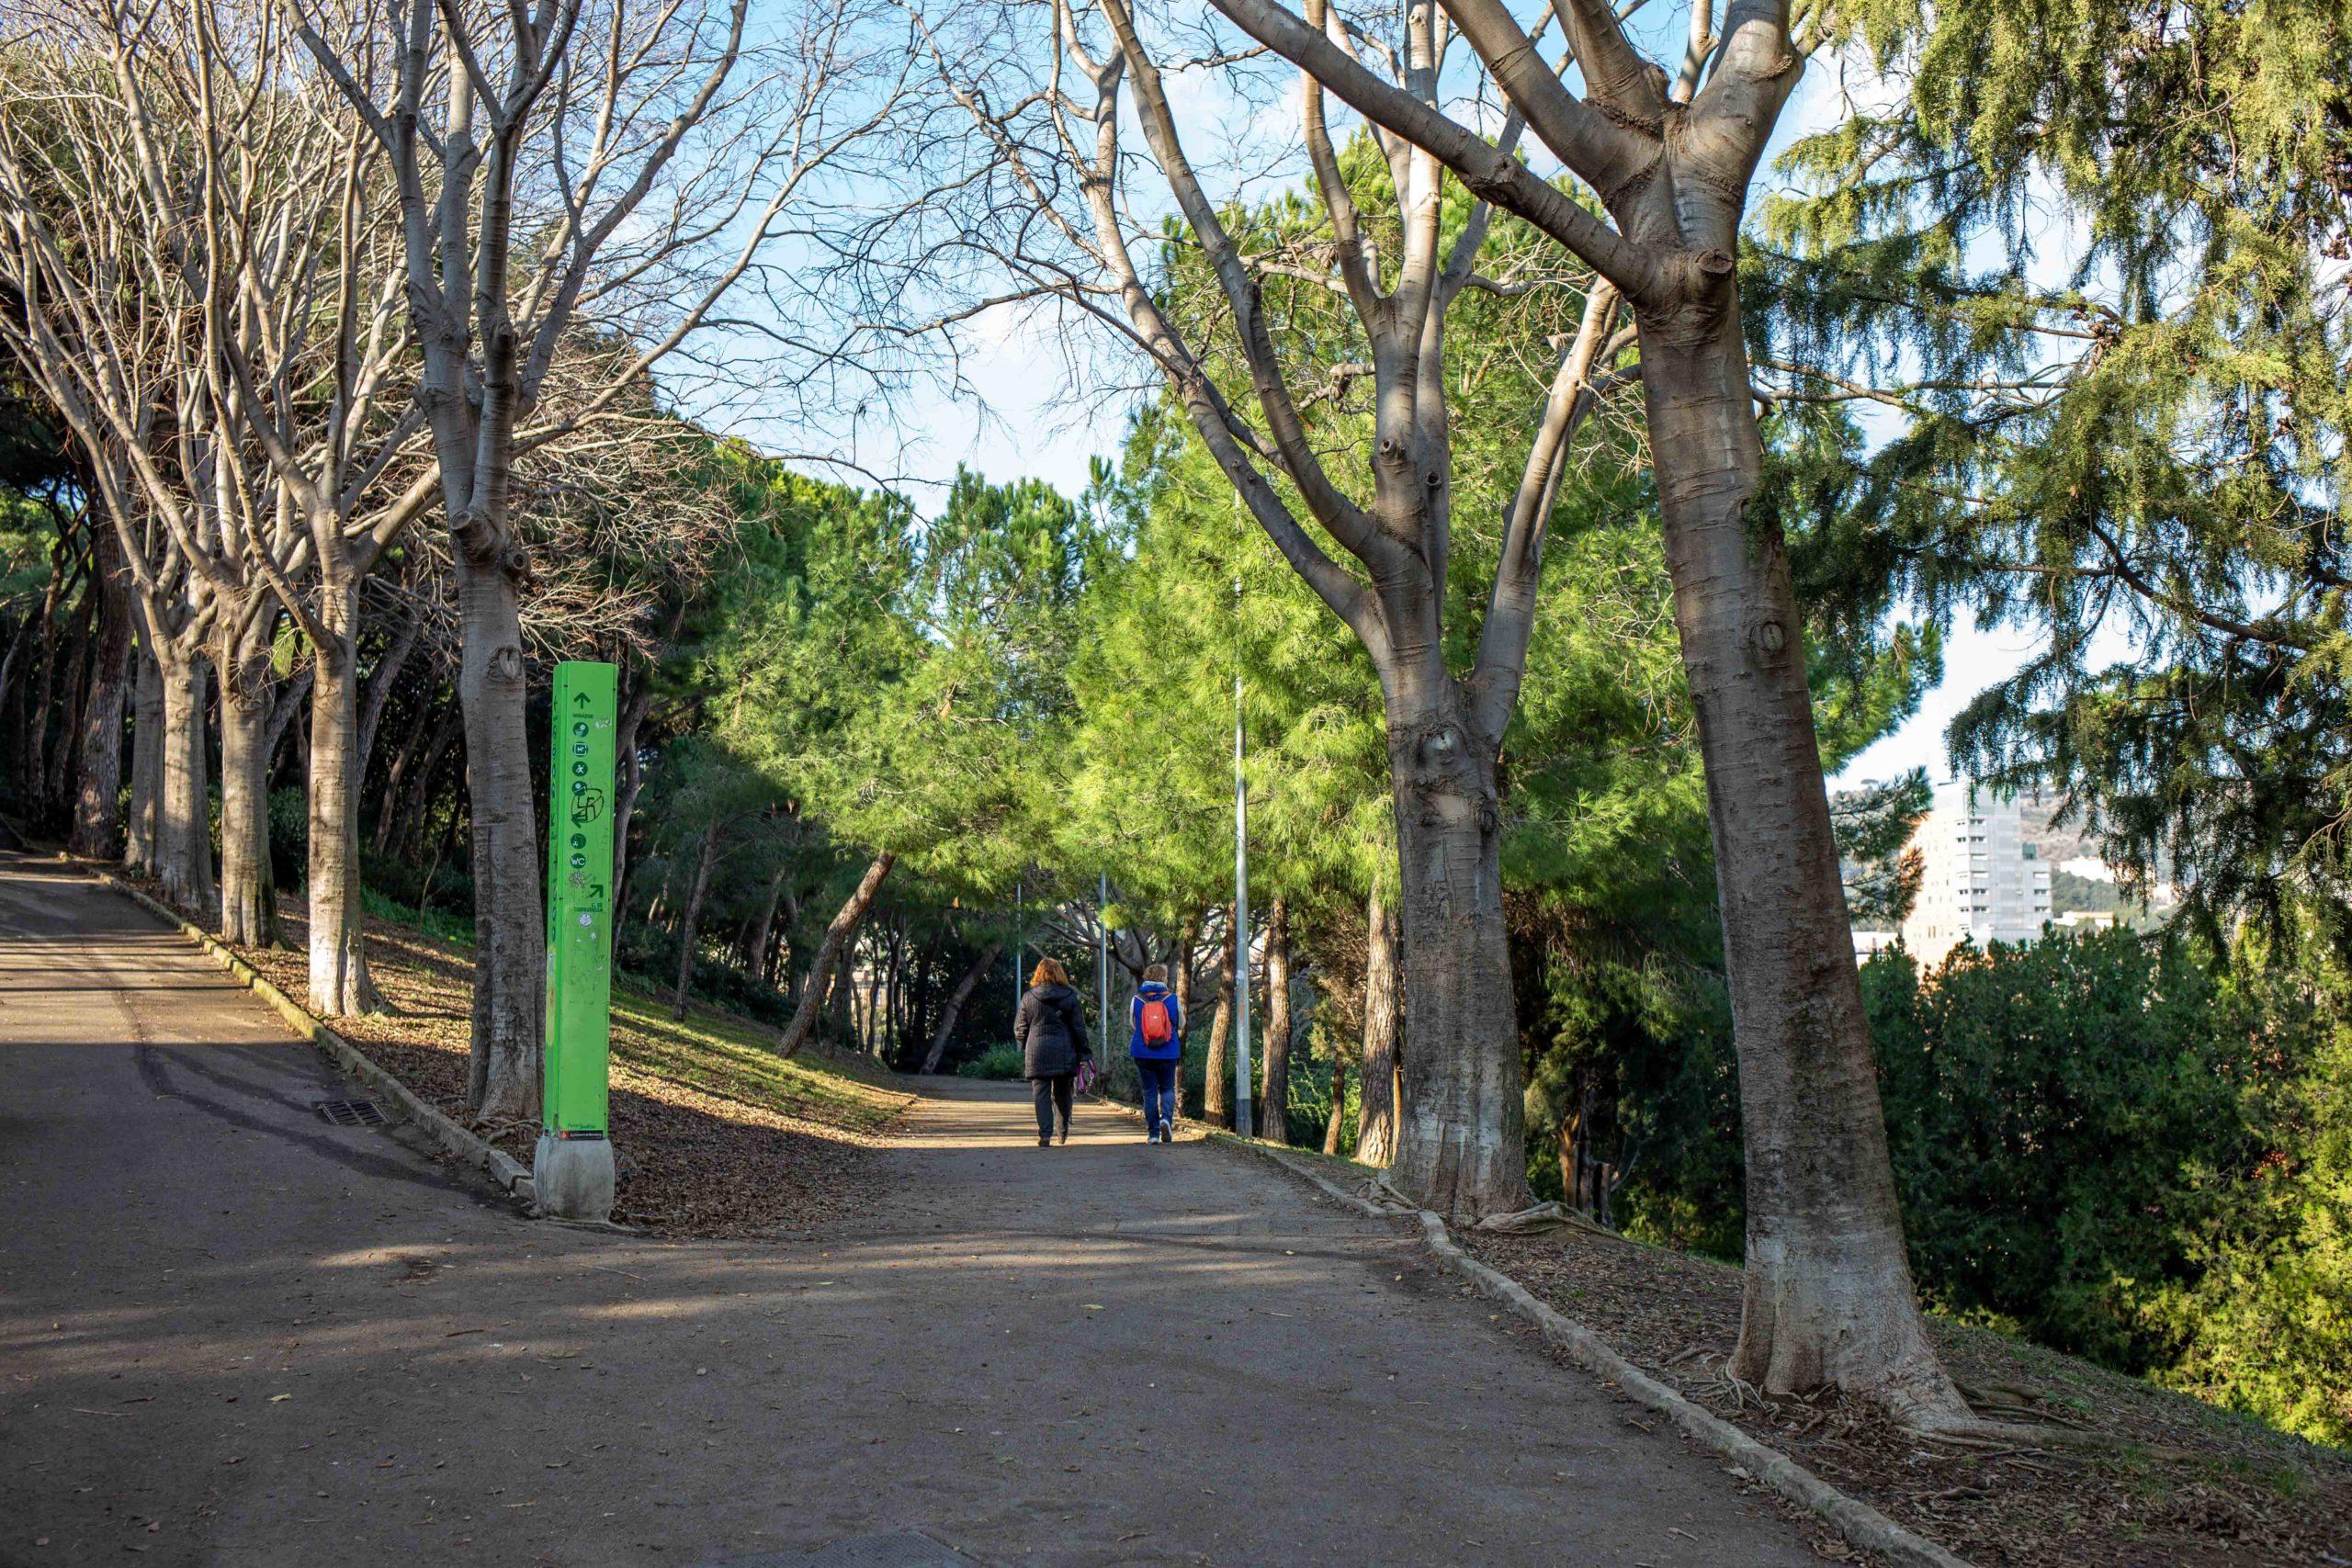 Dones passejant gossos a un parc